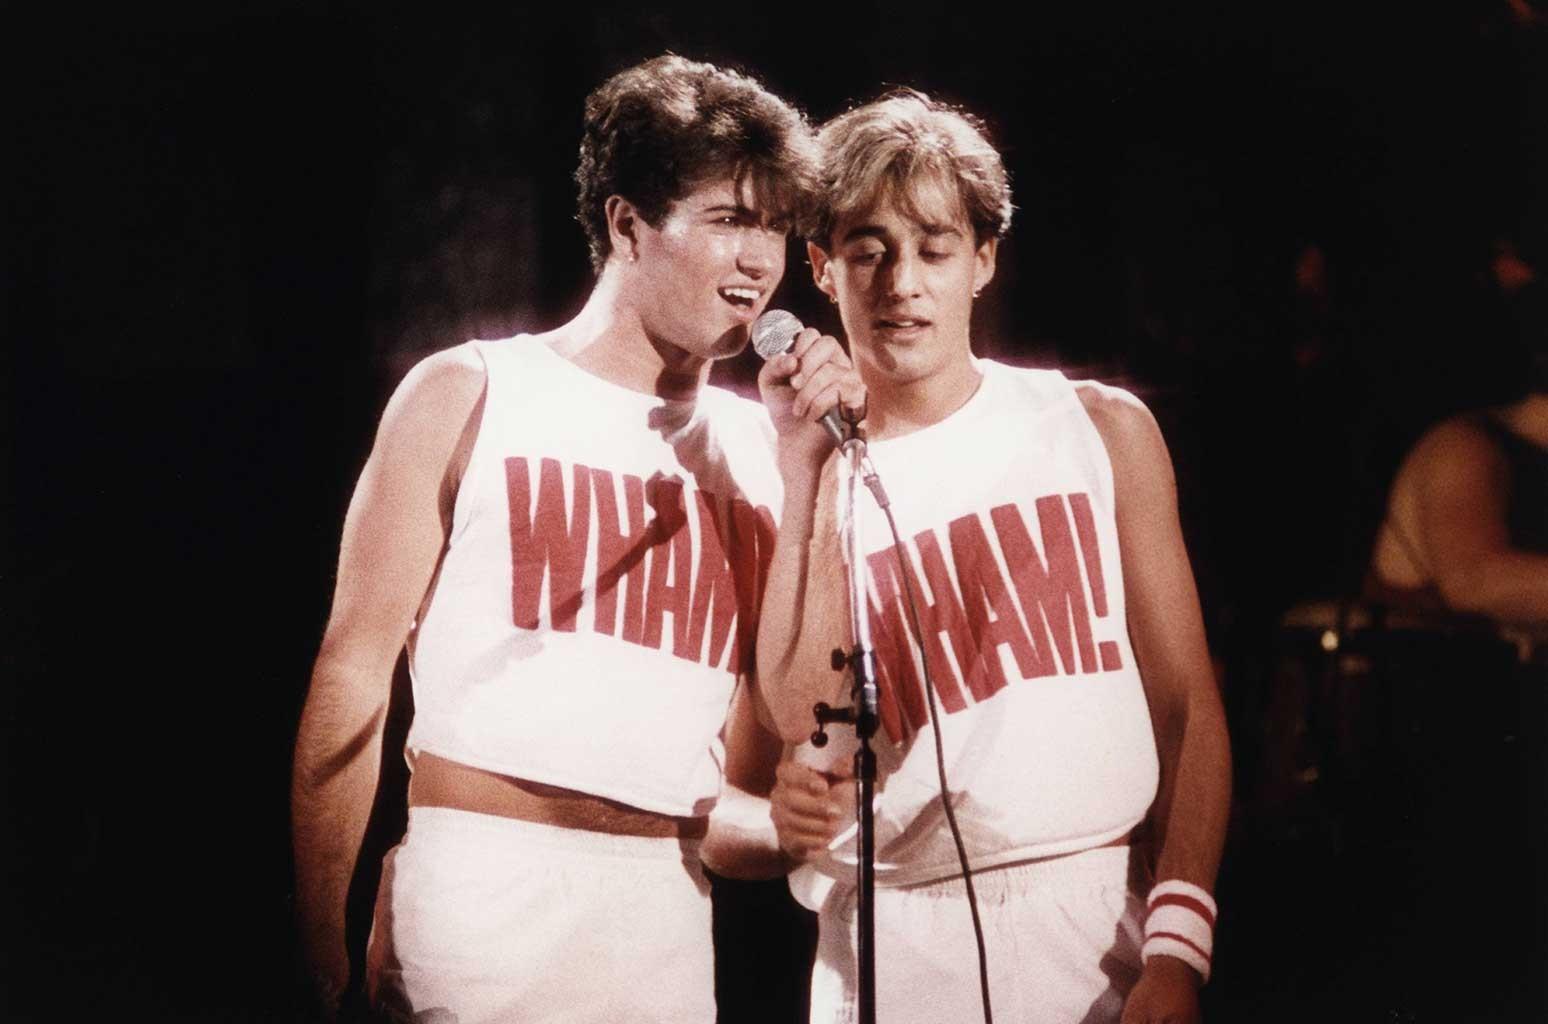 George Michael & Andrew Ridgely of WHAM!